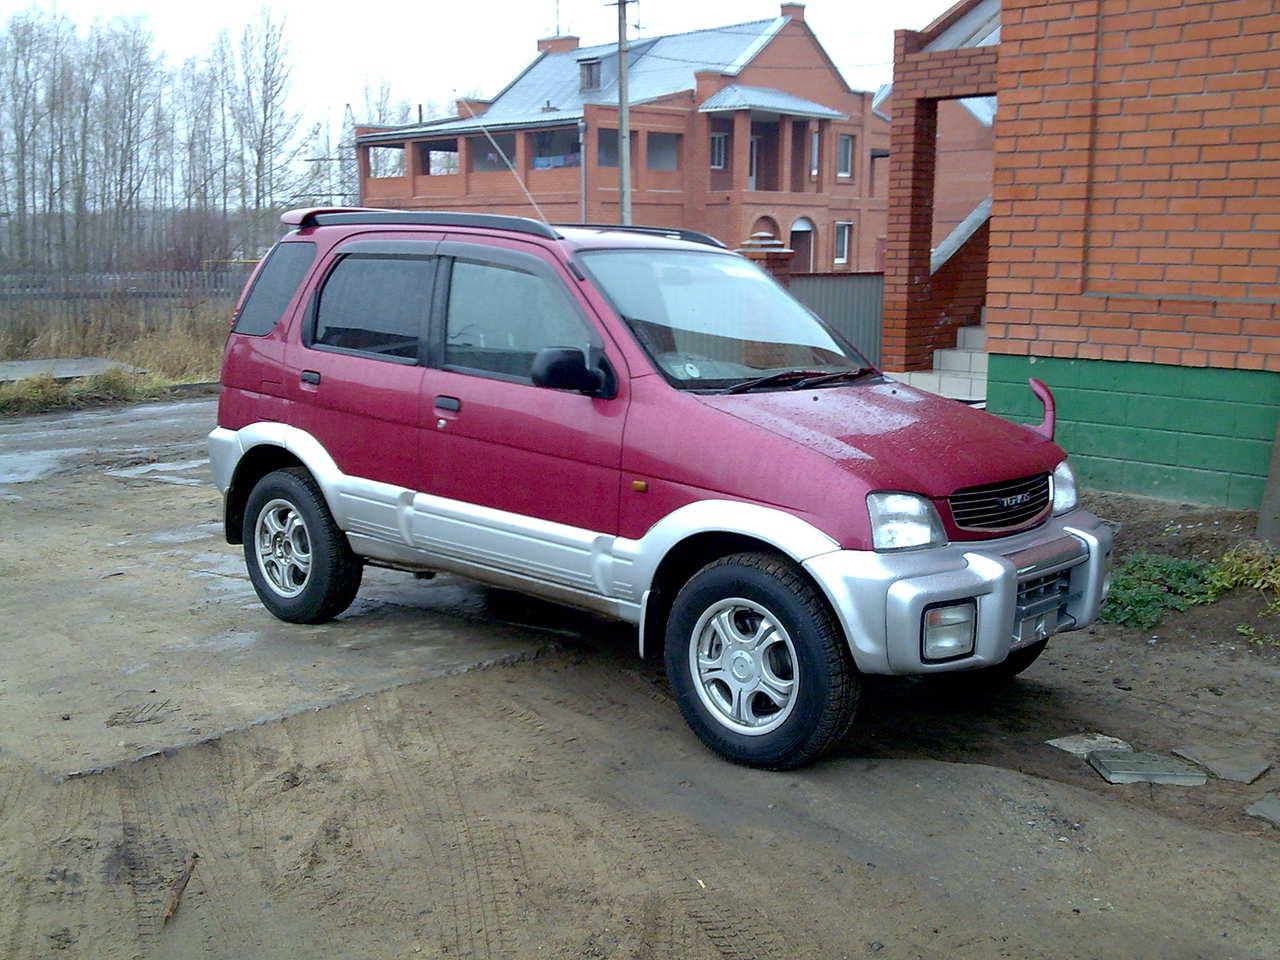 1997 Daihatsu Terios Pictures 1300cc Gasoline